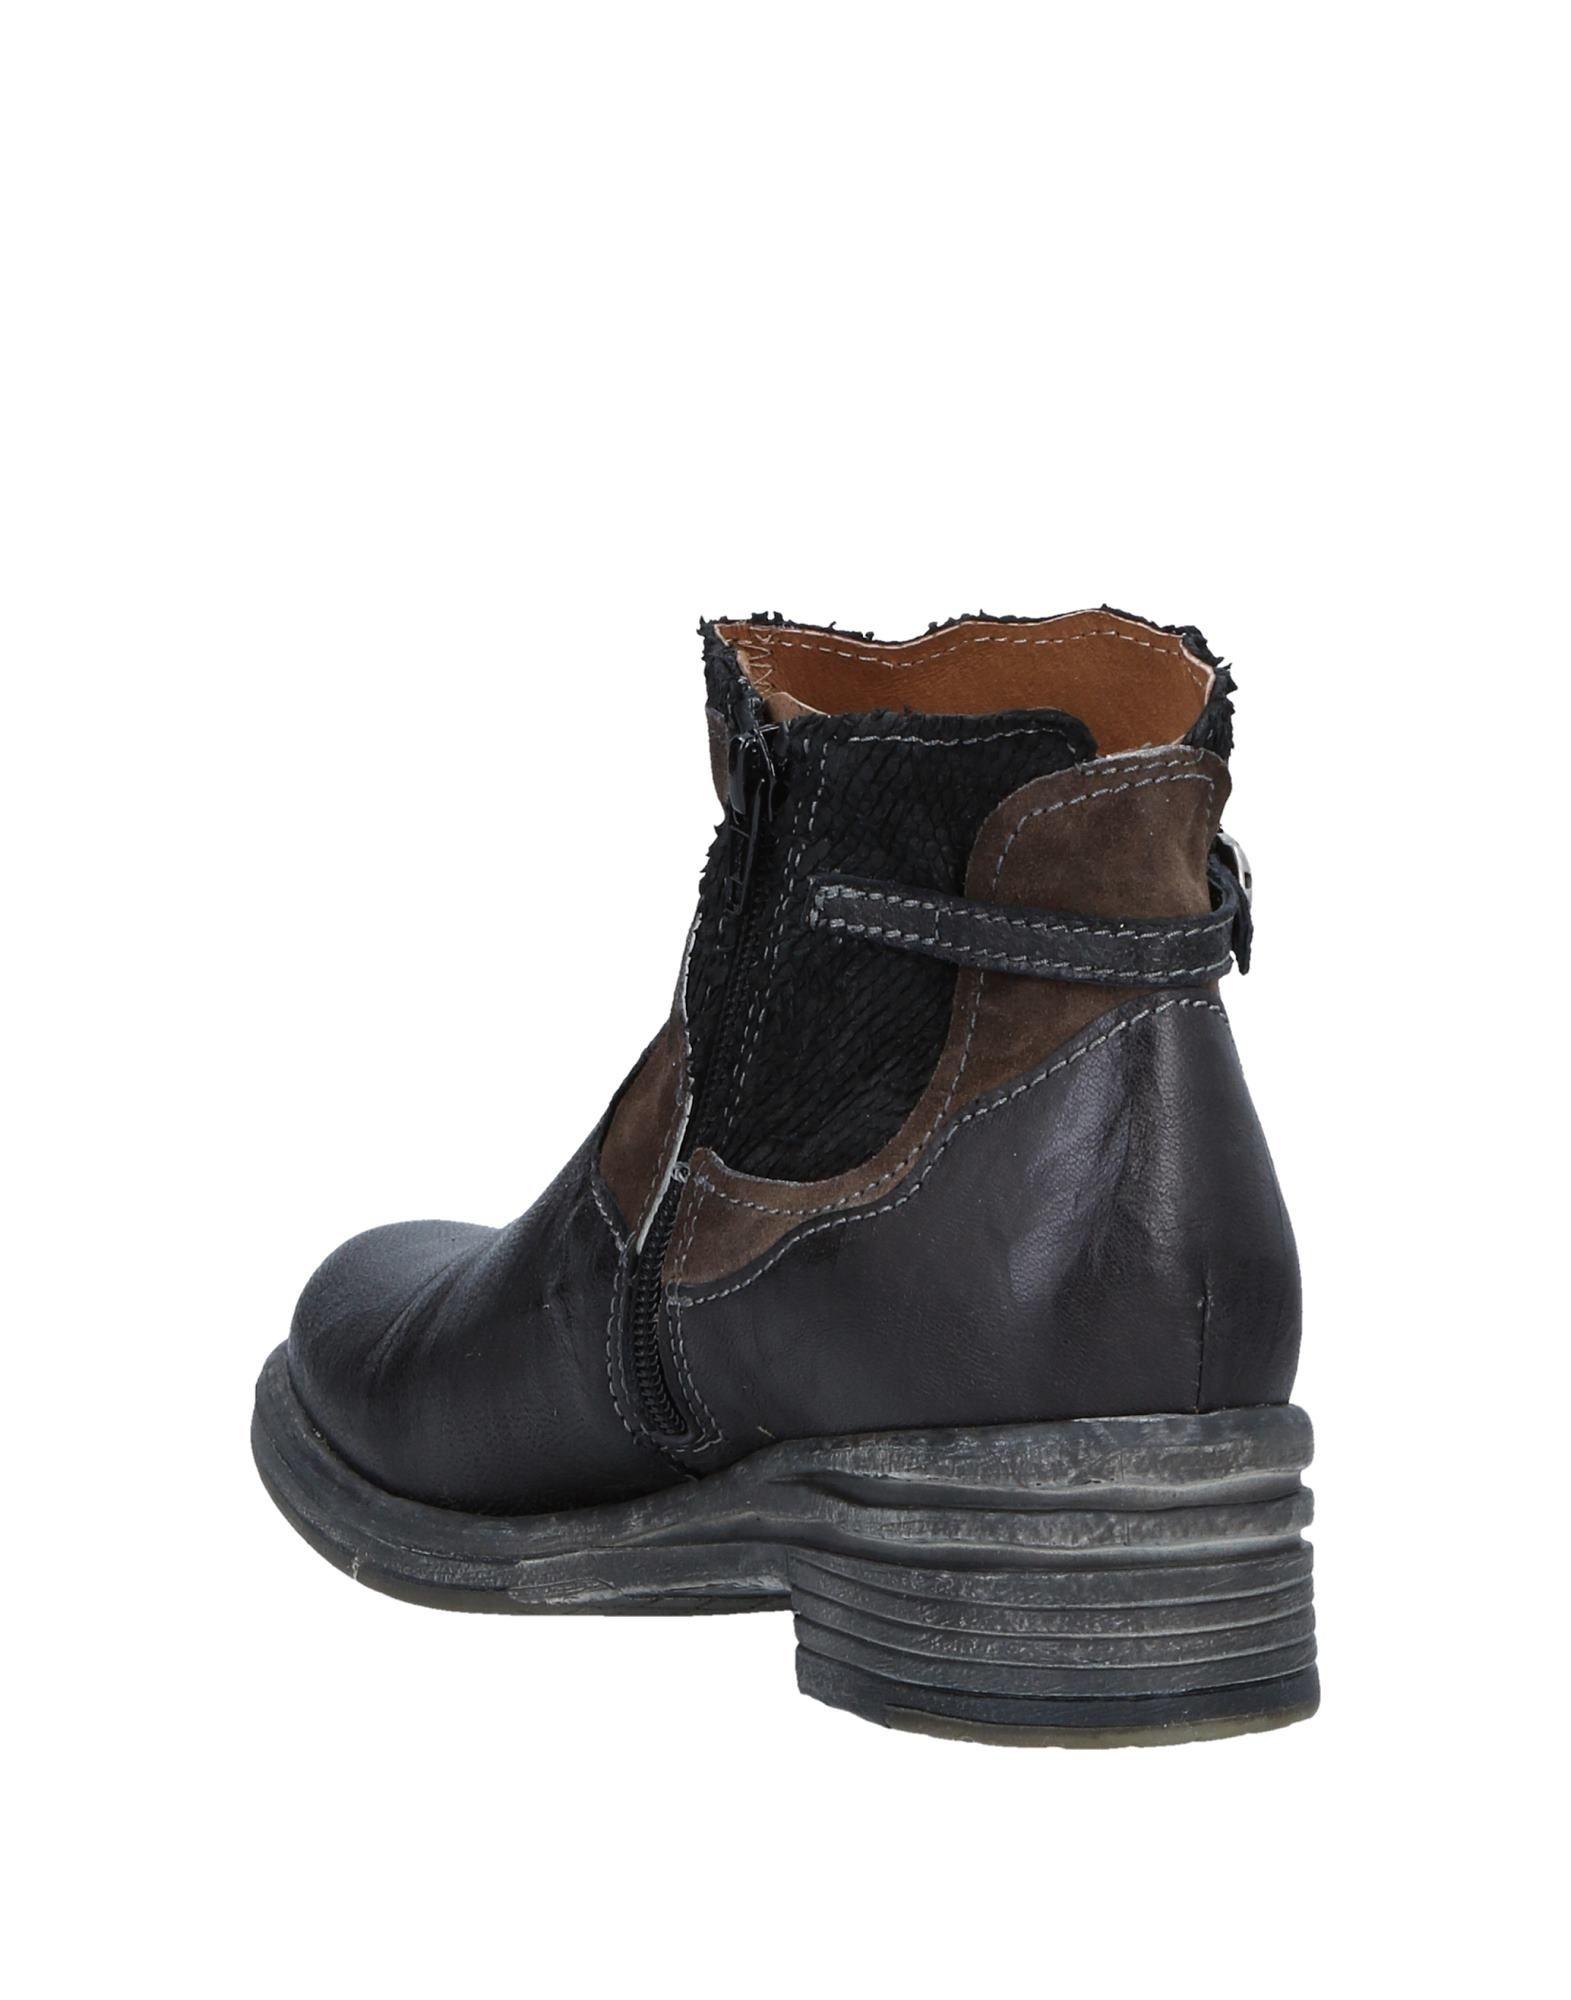 Gut um billige Damen Schuhe zu tragenClocharme Stiefelette Damen billige  11519084FI 989375